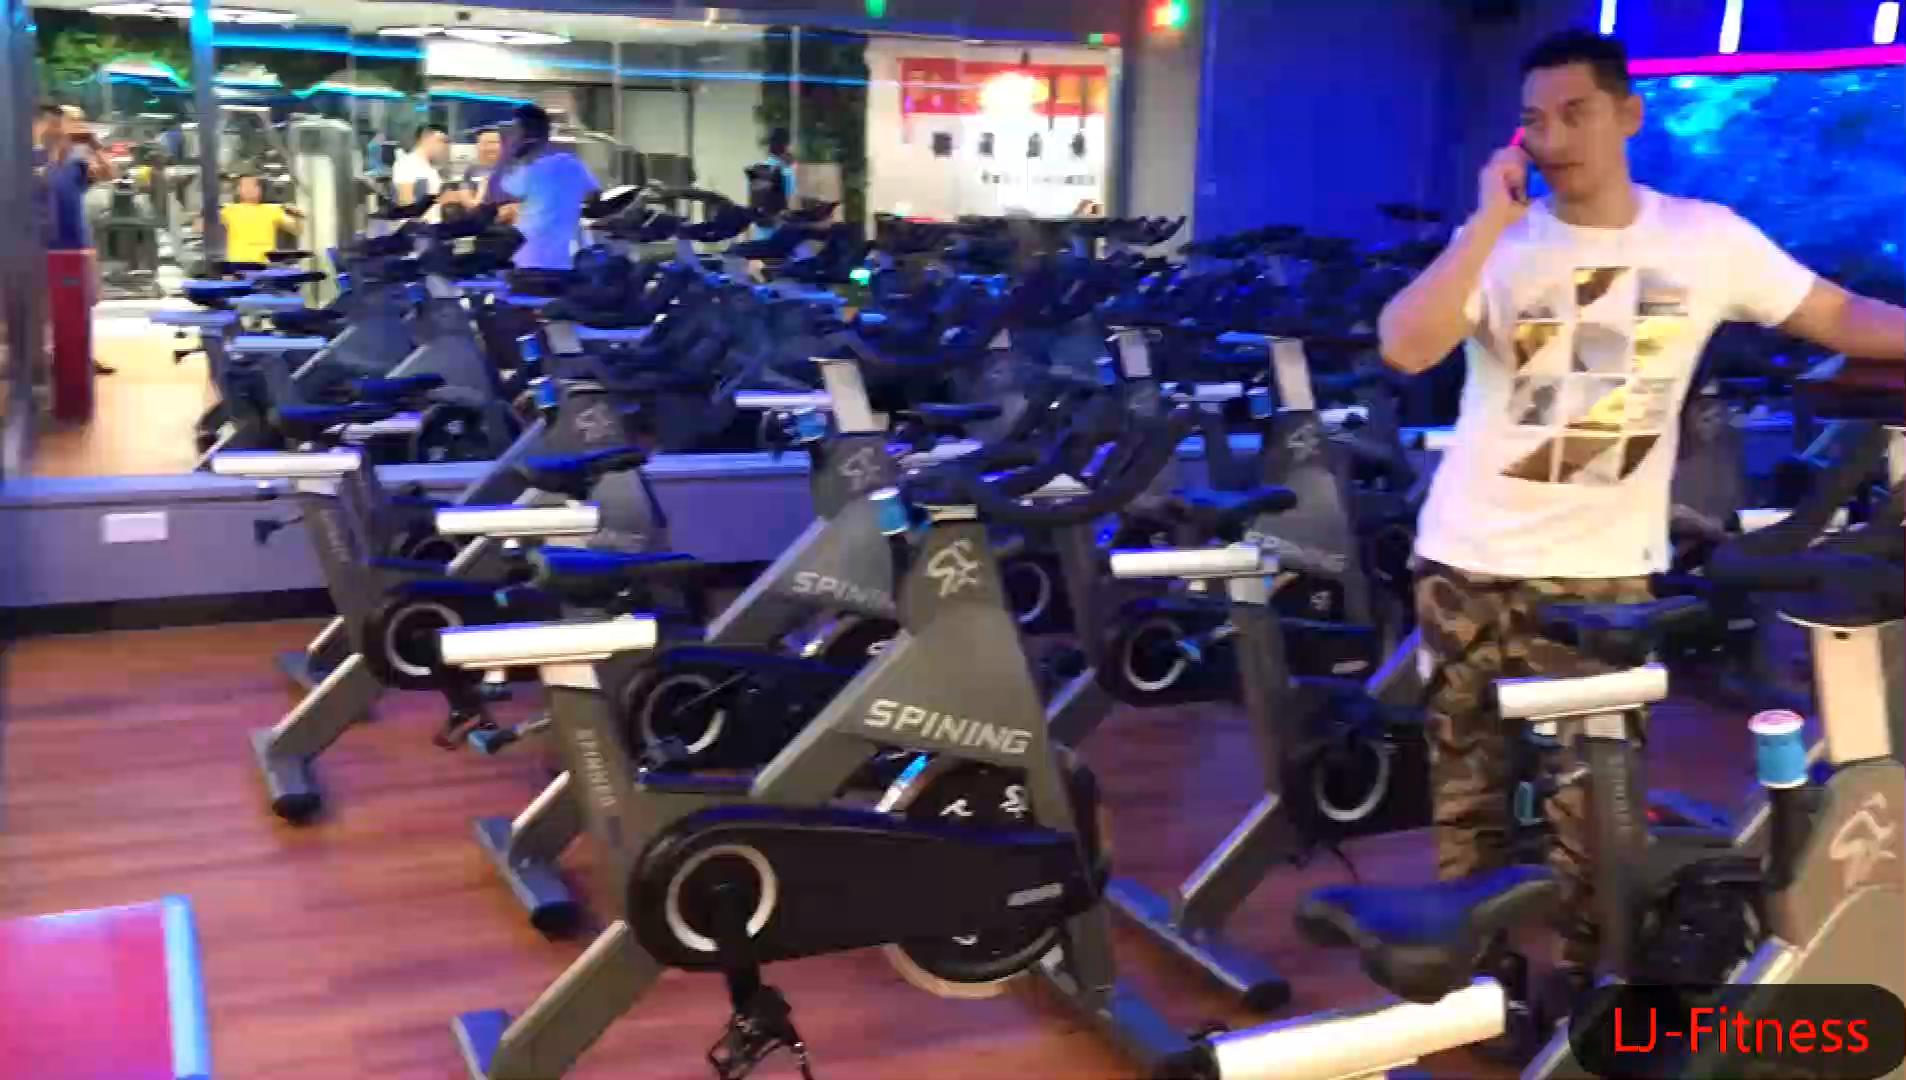 מסחרי הזול כושר מקורה אב מגנטי גוף fit spinnng אופני למכירה